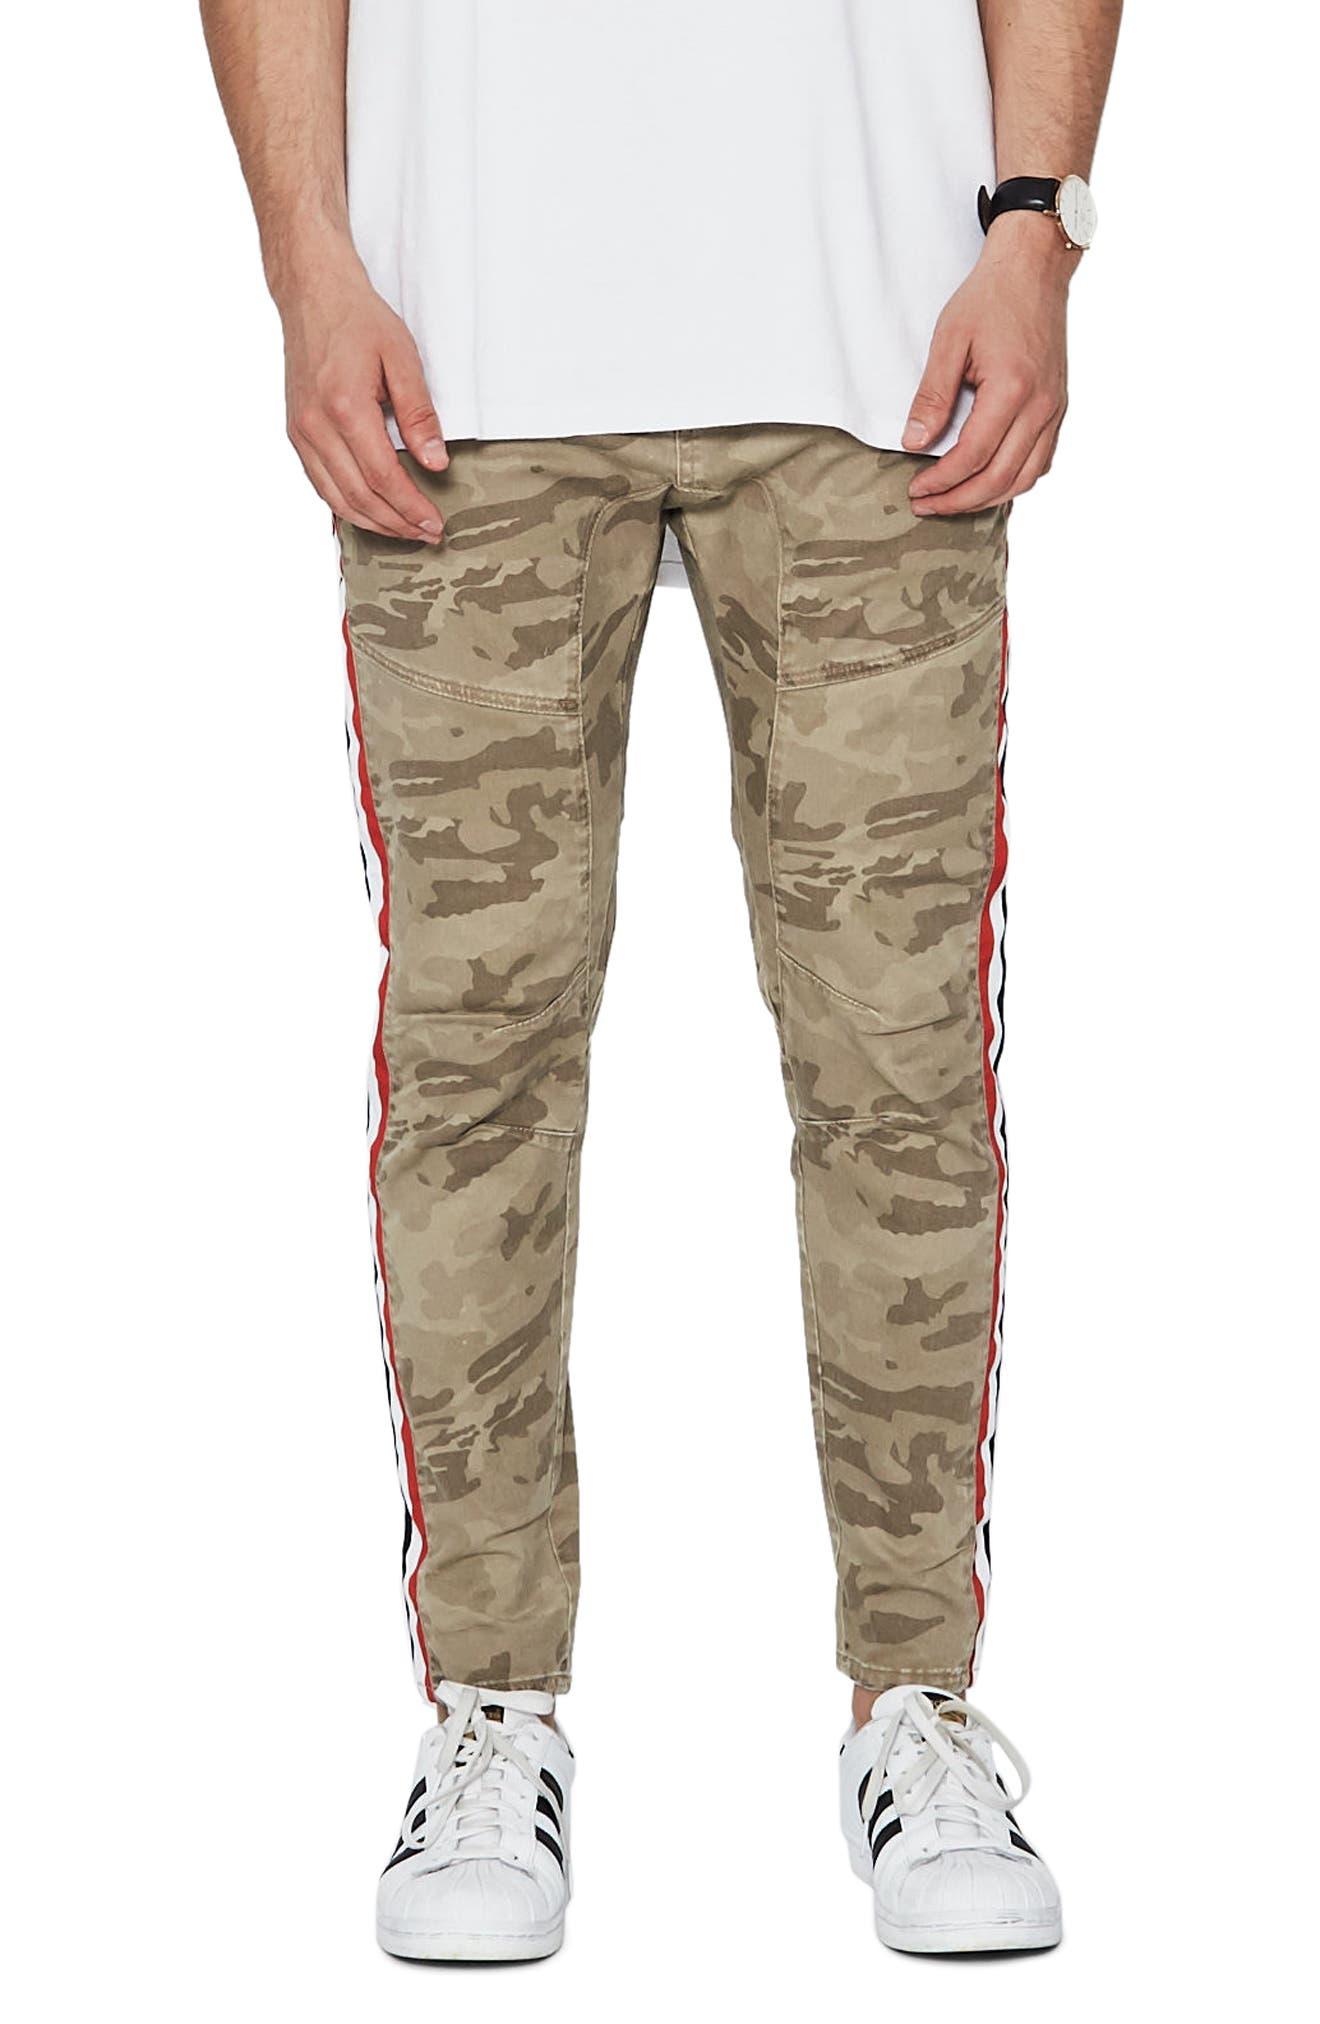 Sergeant Slim Fit Pants,                             Main thumbnail 1, color,                             SANDSTROM CAMO